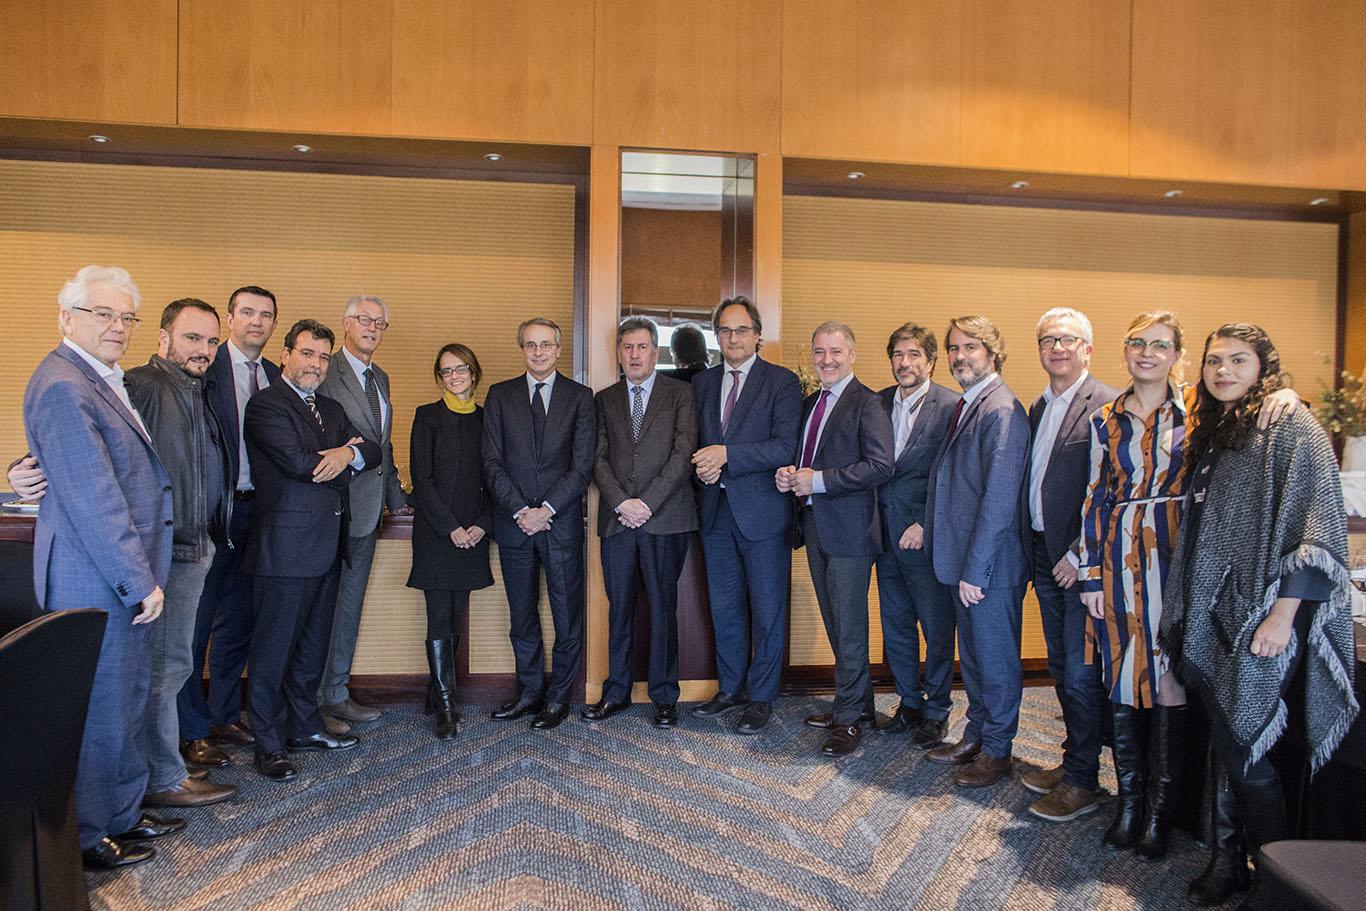 Javier Faus, presidente do Círculo de Economia, protagoniza um novo almoço de negócios da CCBC